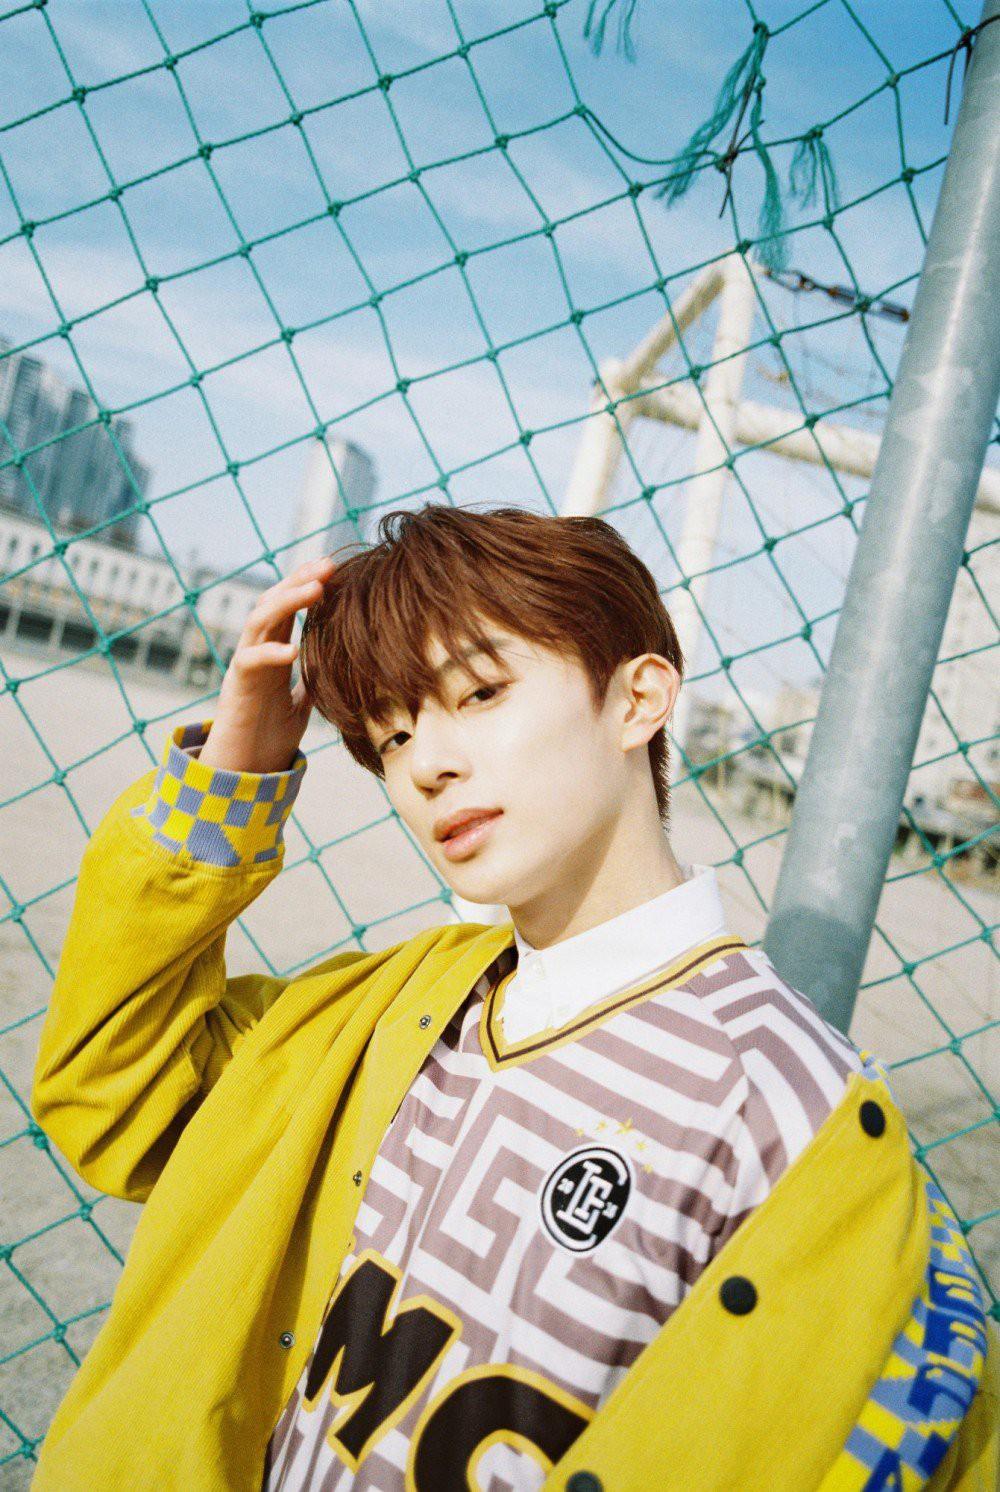 Vừa ra mắt hôm qua, nam idol nổi tiếng sau 1 đêm vì quá đẹp trai nhưng tuổi của anh chàng mới gây hoang mang - Ảnh 4.